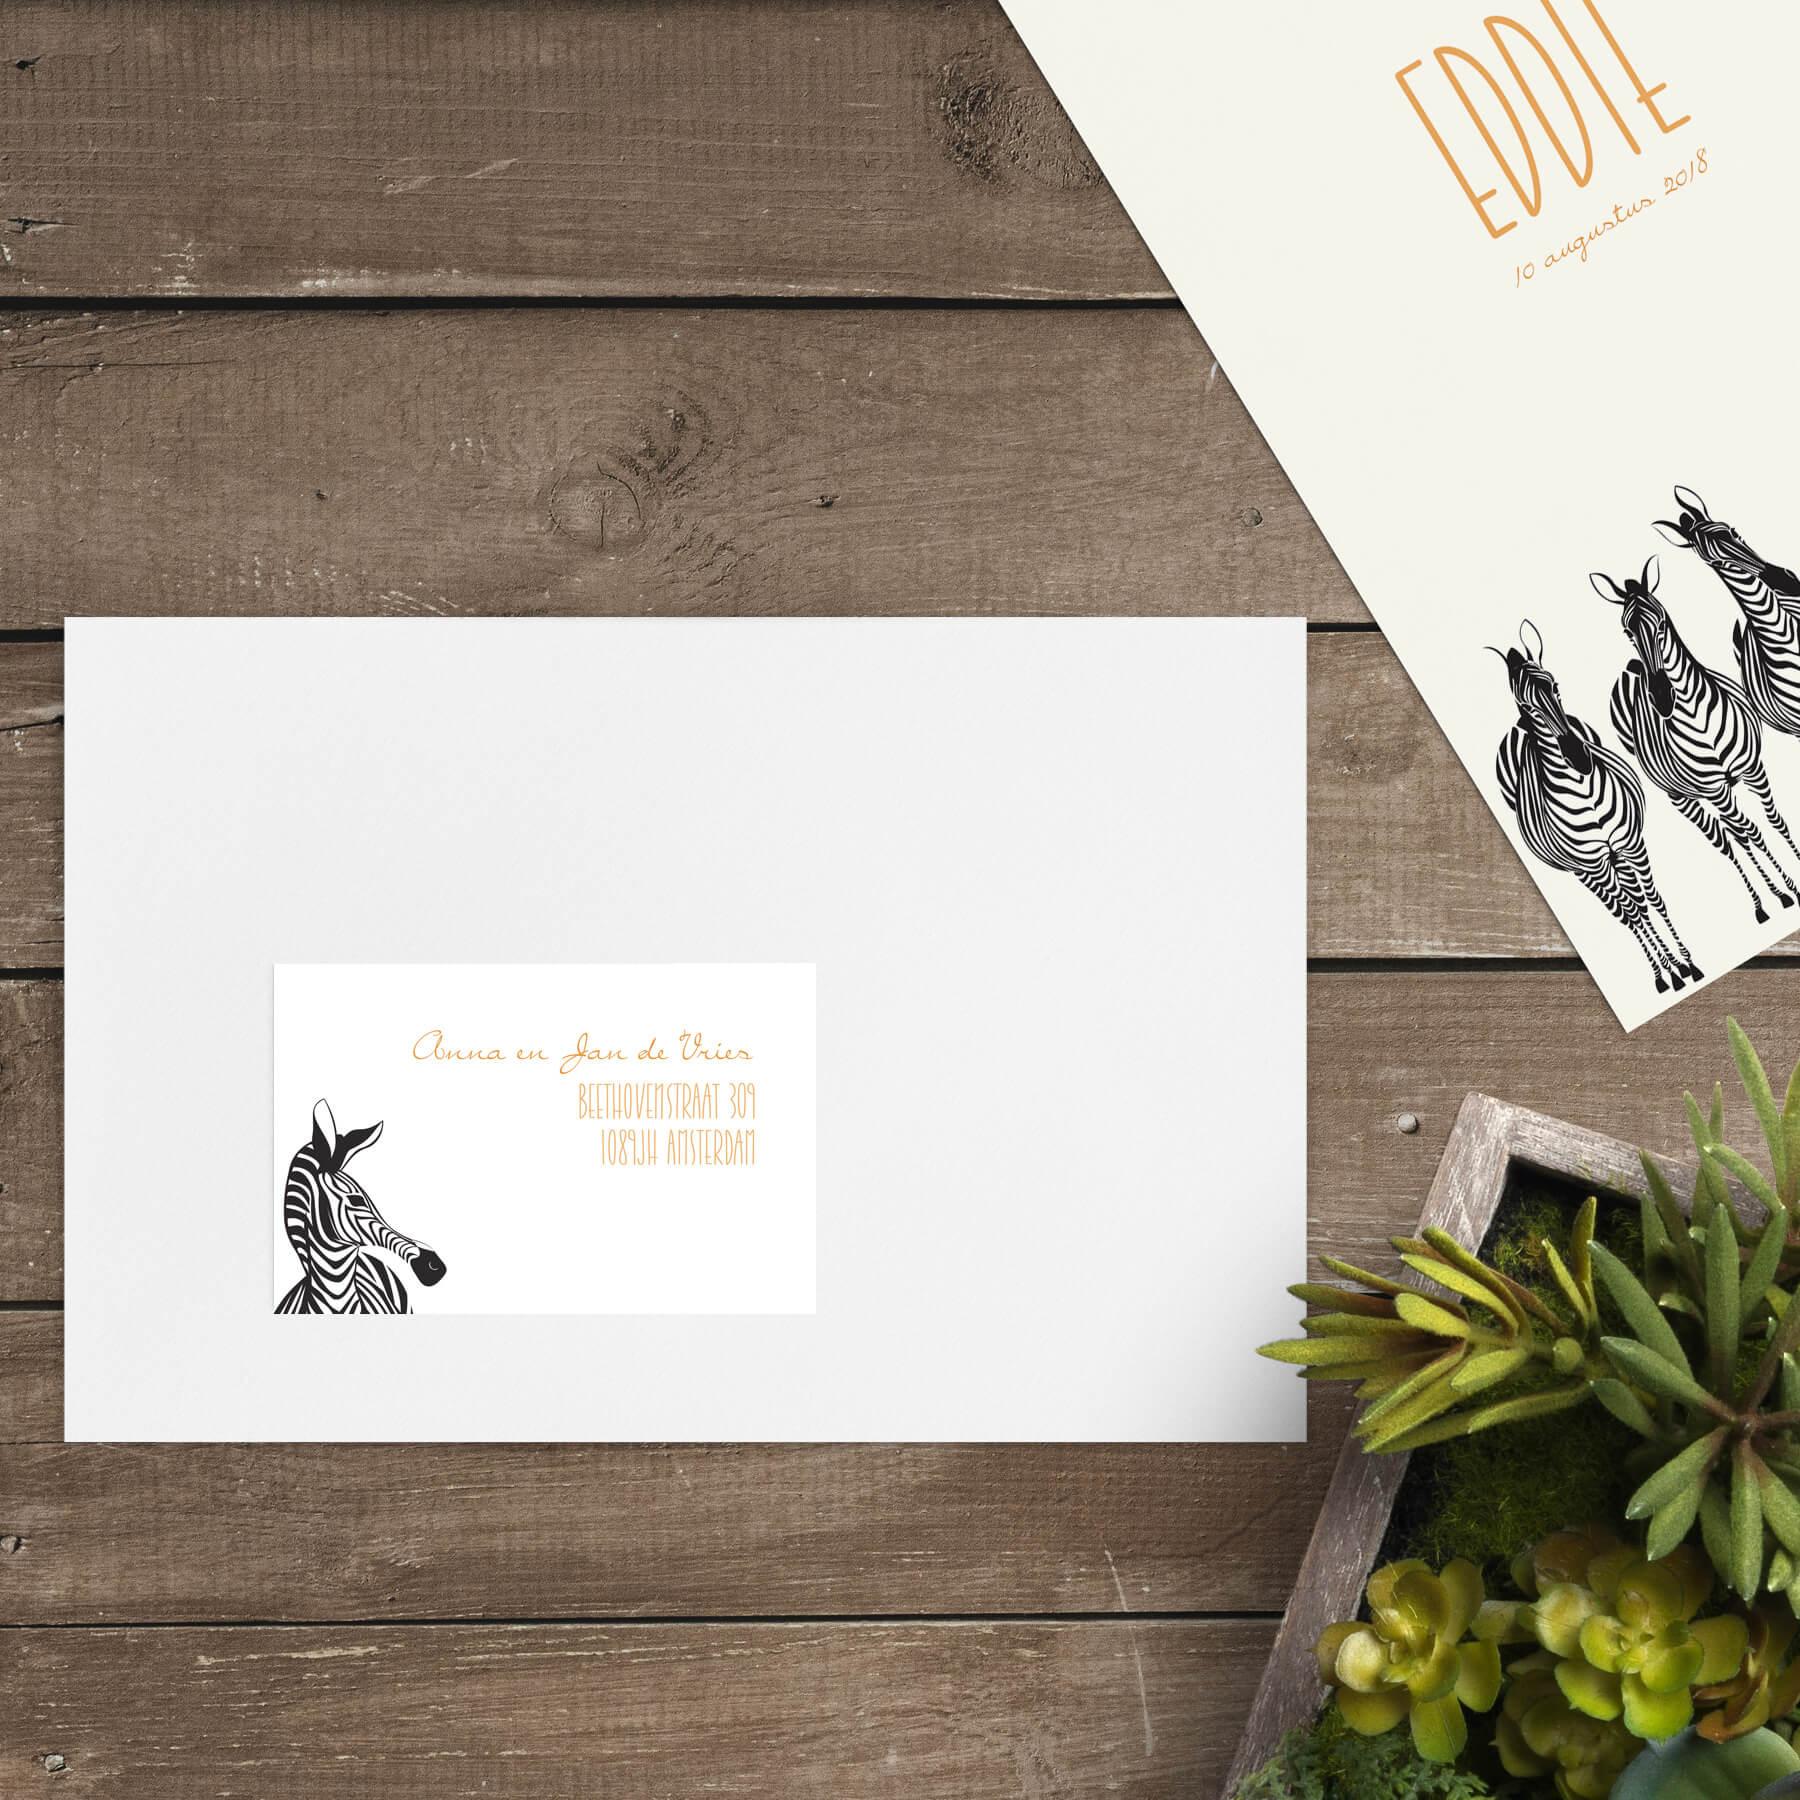 Een zebra komt om de hoek kijken op dit adreslabel, een van de kletsende zebra's van geboortekaartje Zebra Parade en past dan ook perfect bij dat ontwerp.